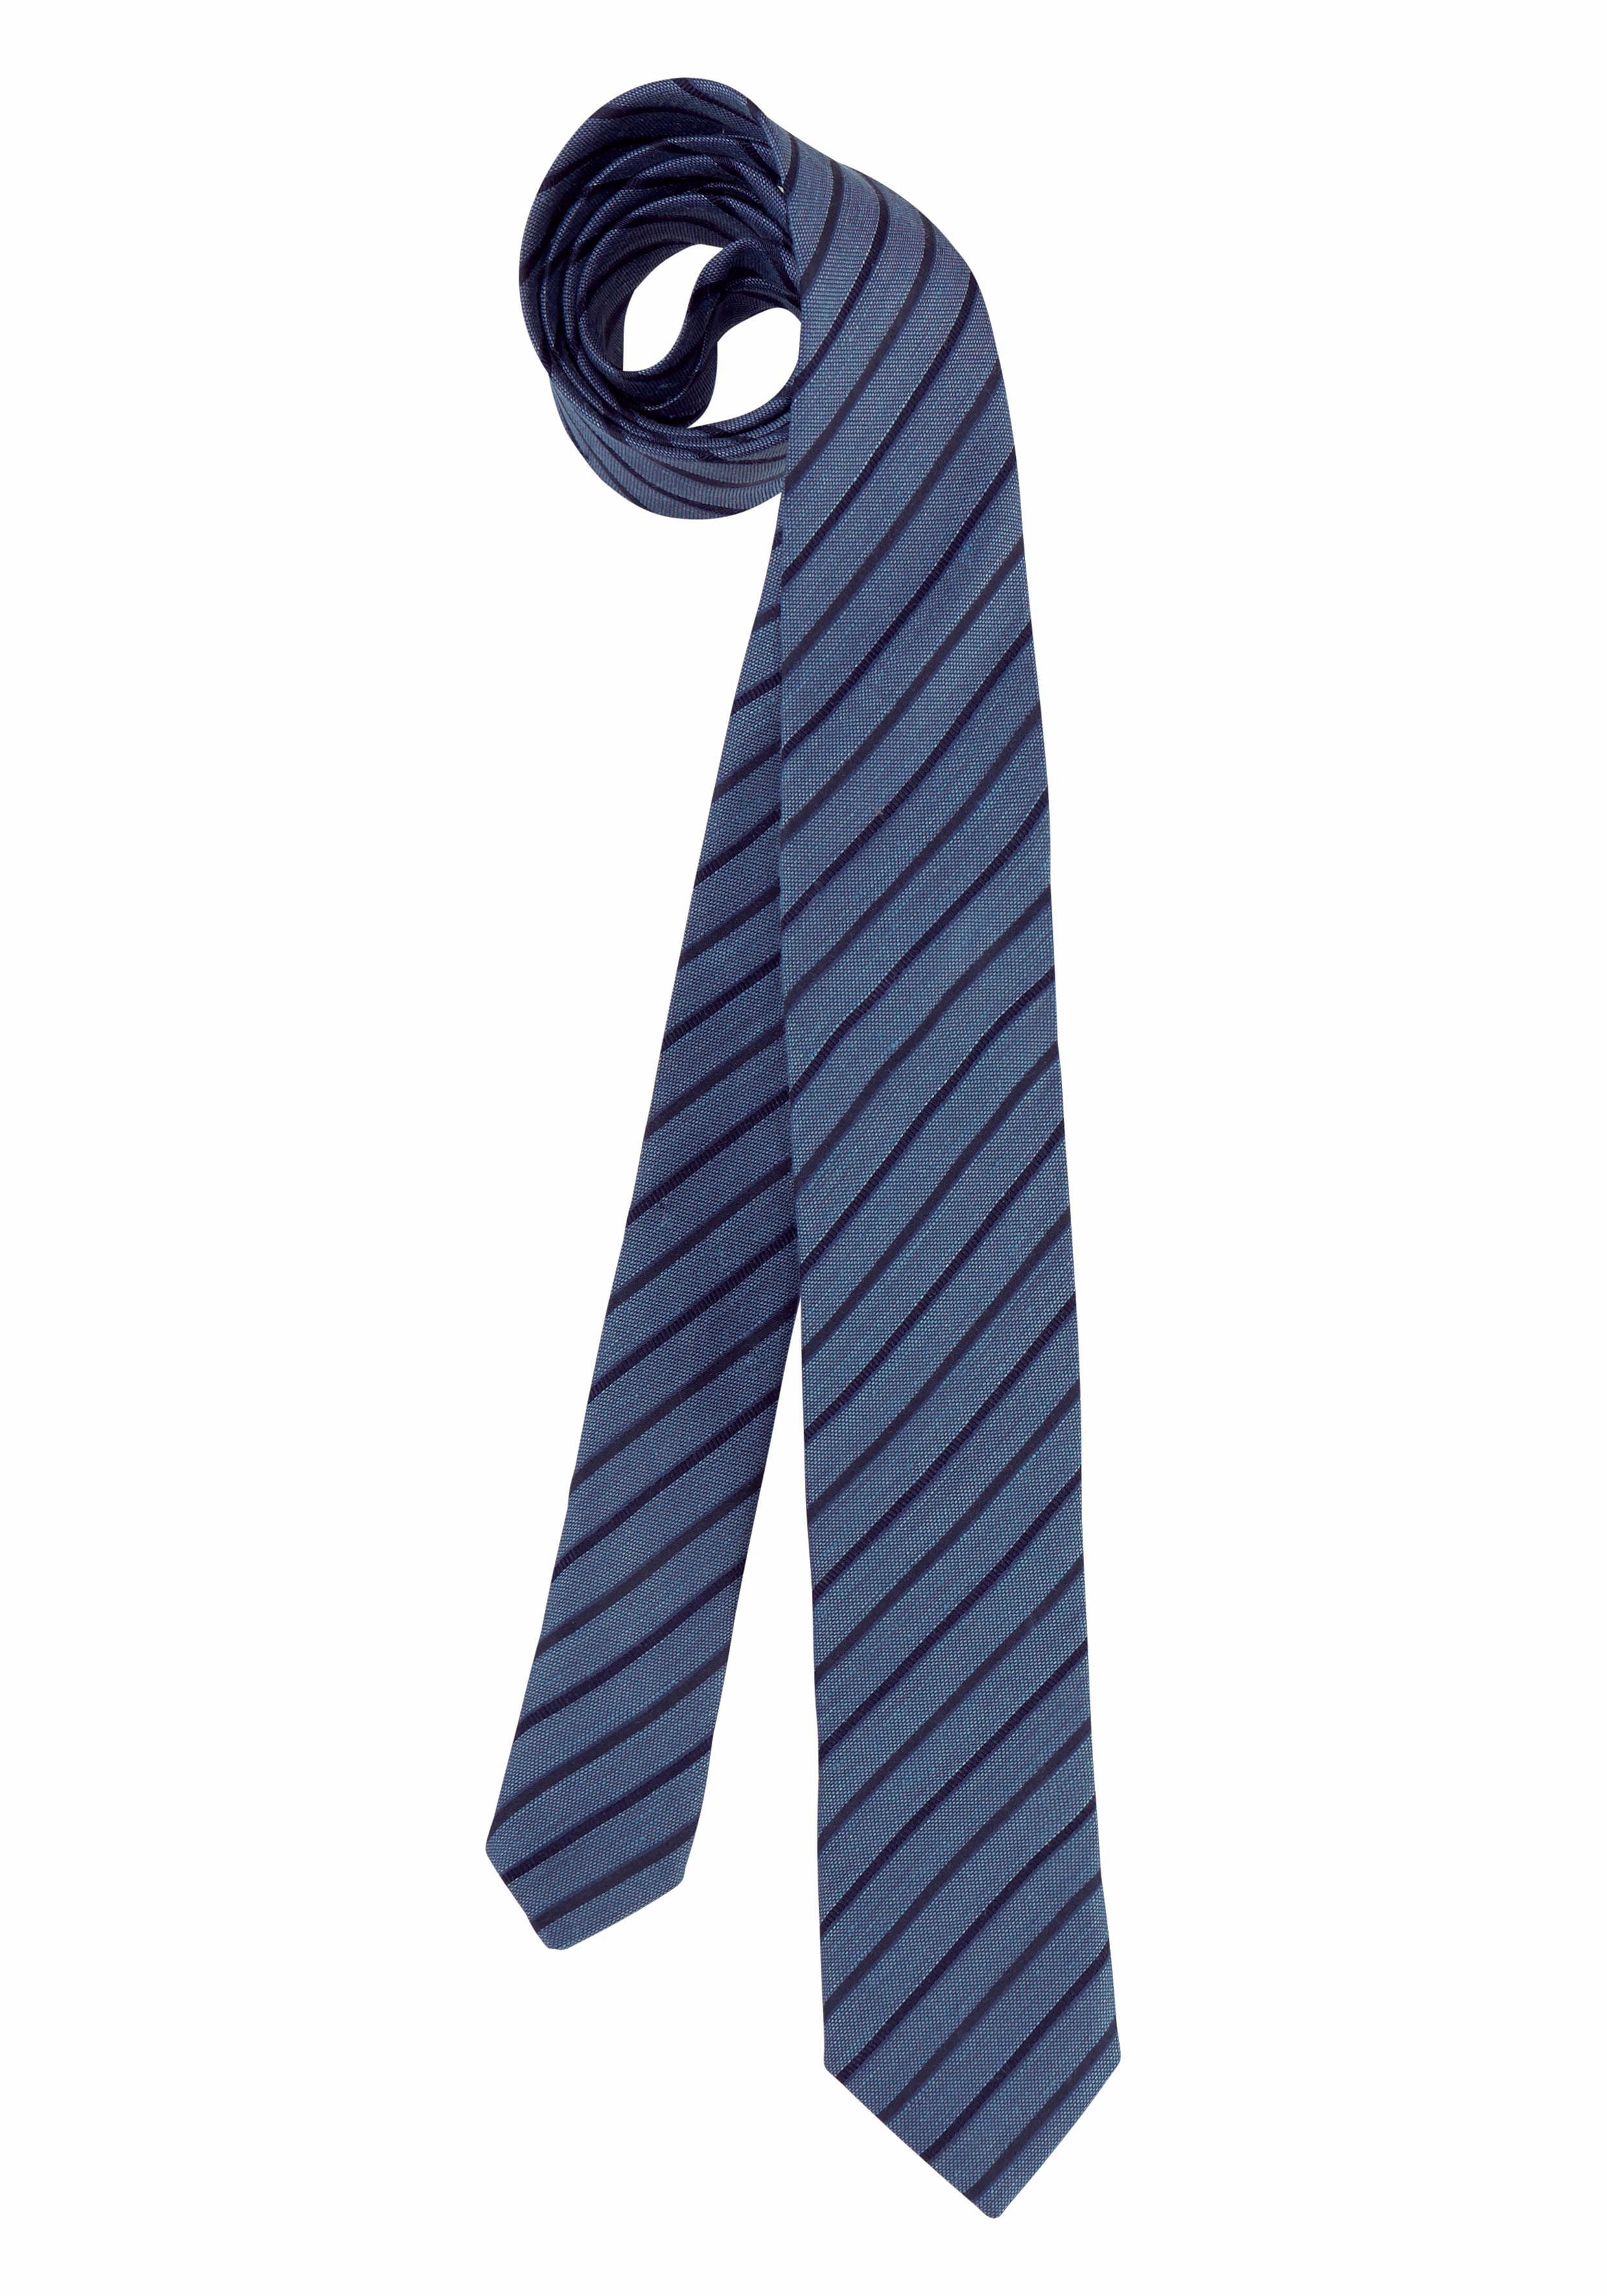 Class International Krawatte   Accessoires > Krawatten > Sonstige Krawatten   Blau   Denim   Class International